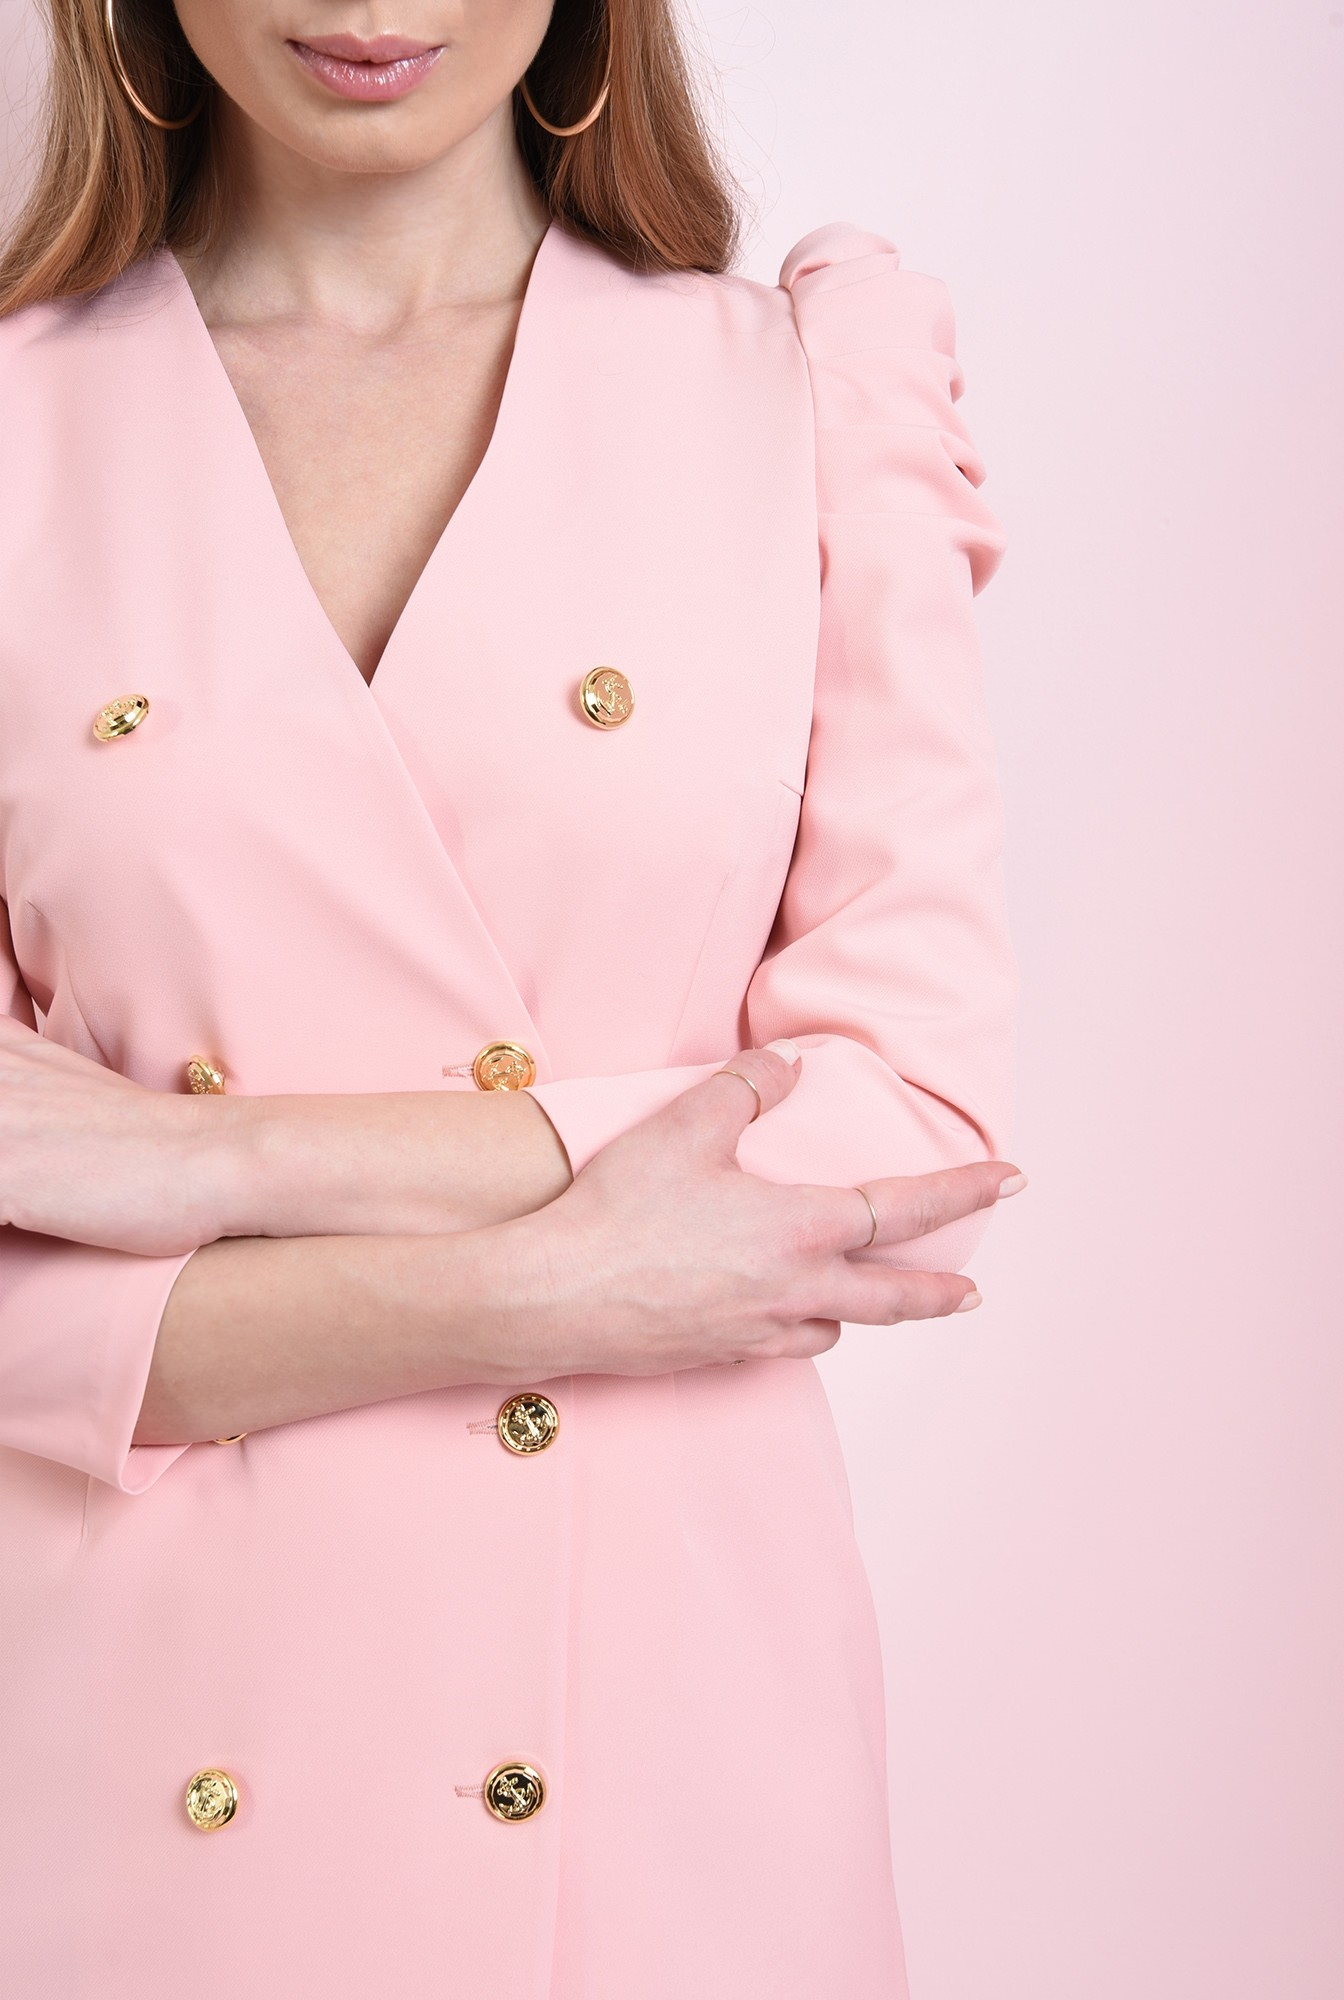 2 - rochie roz, scurta, cu revere